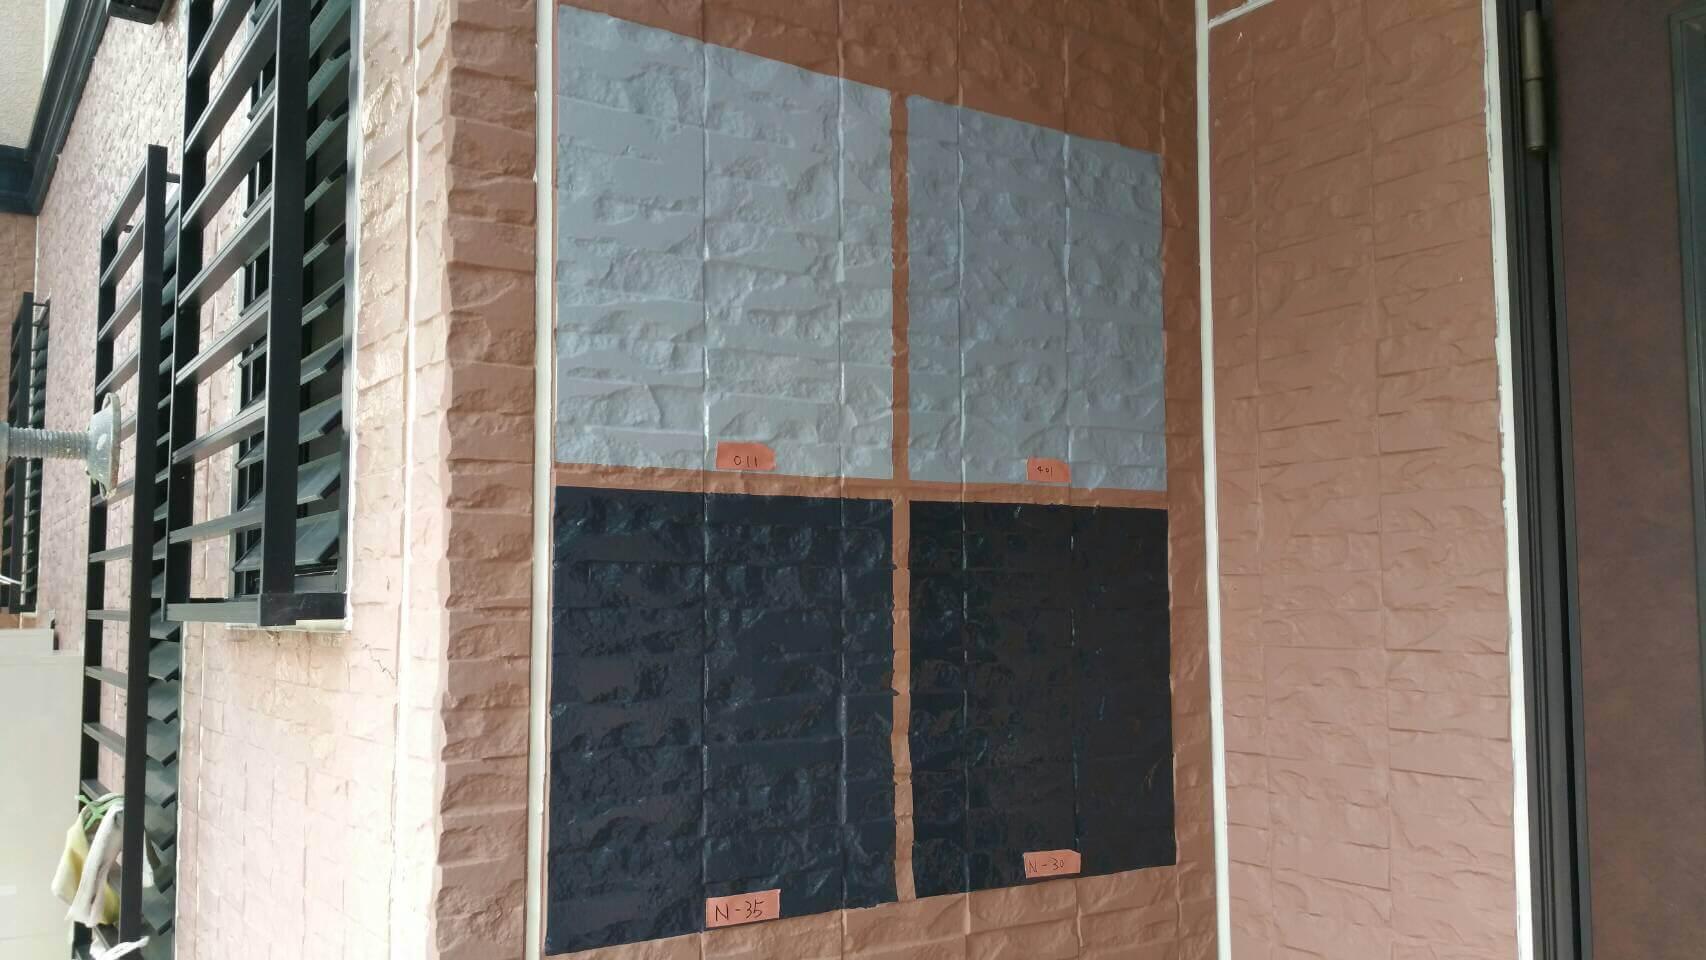 外壁塗装においての色選びに迷ったら?外壁塗装専門店の配慮「試し塗り」